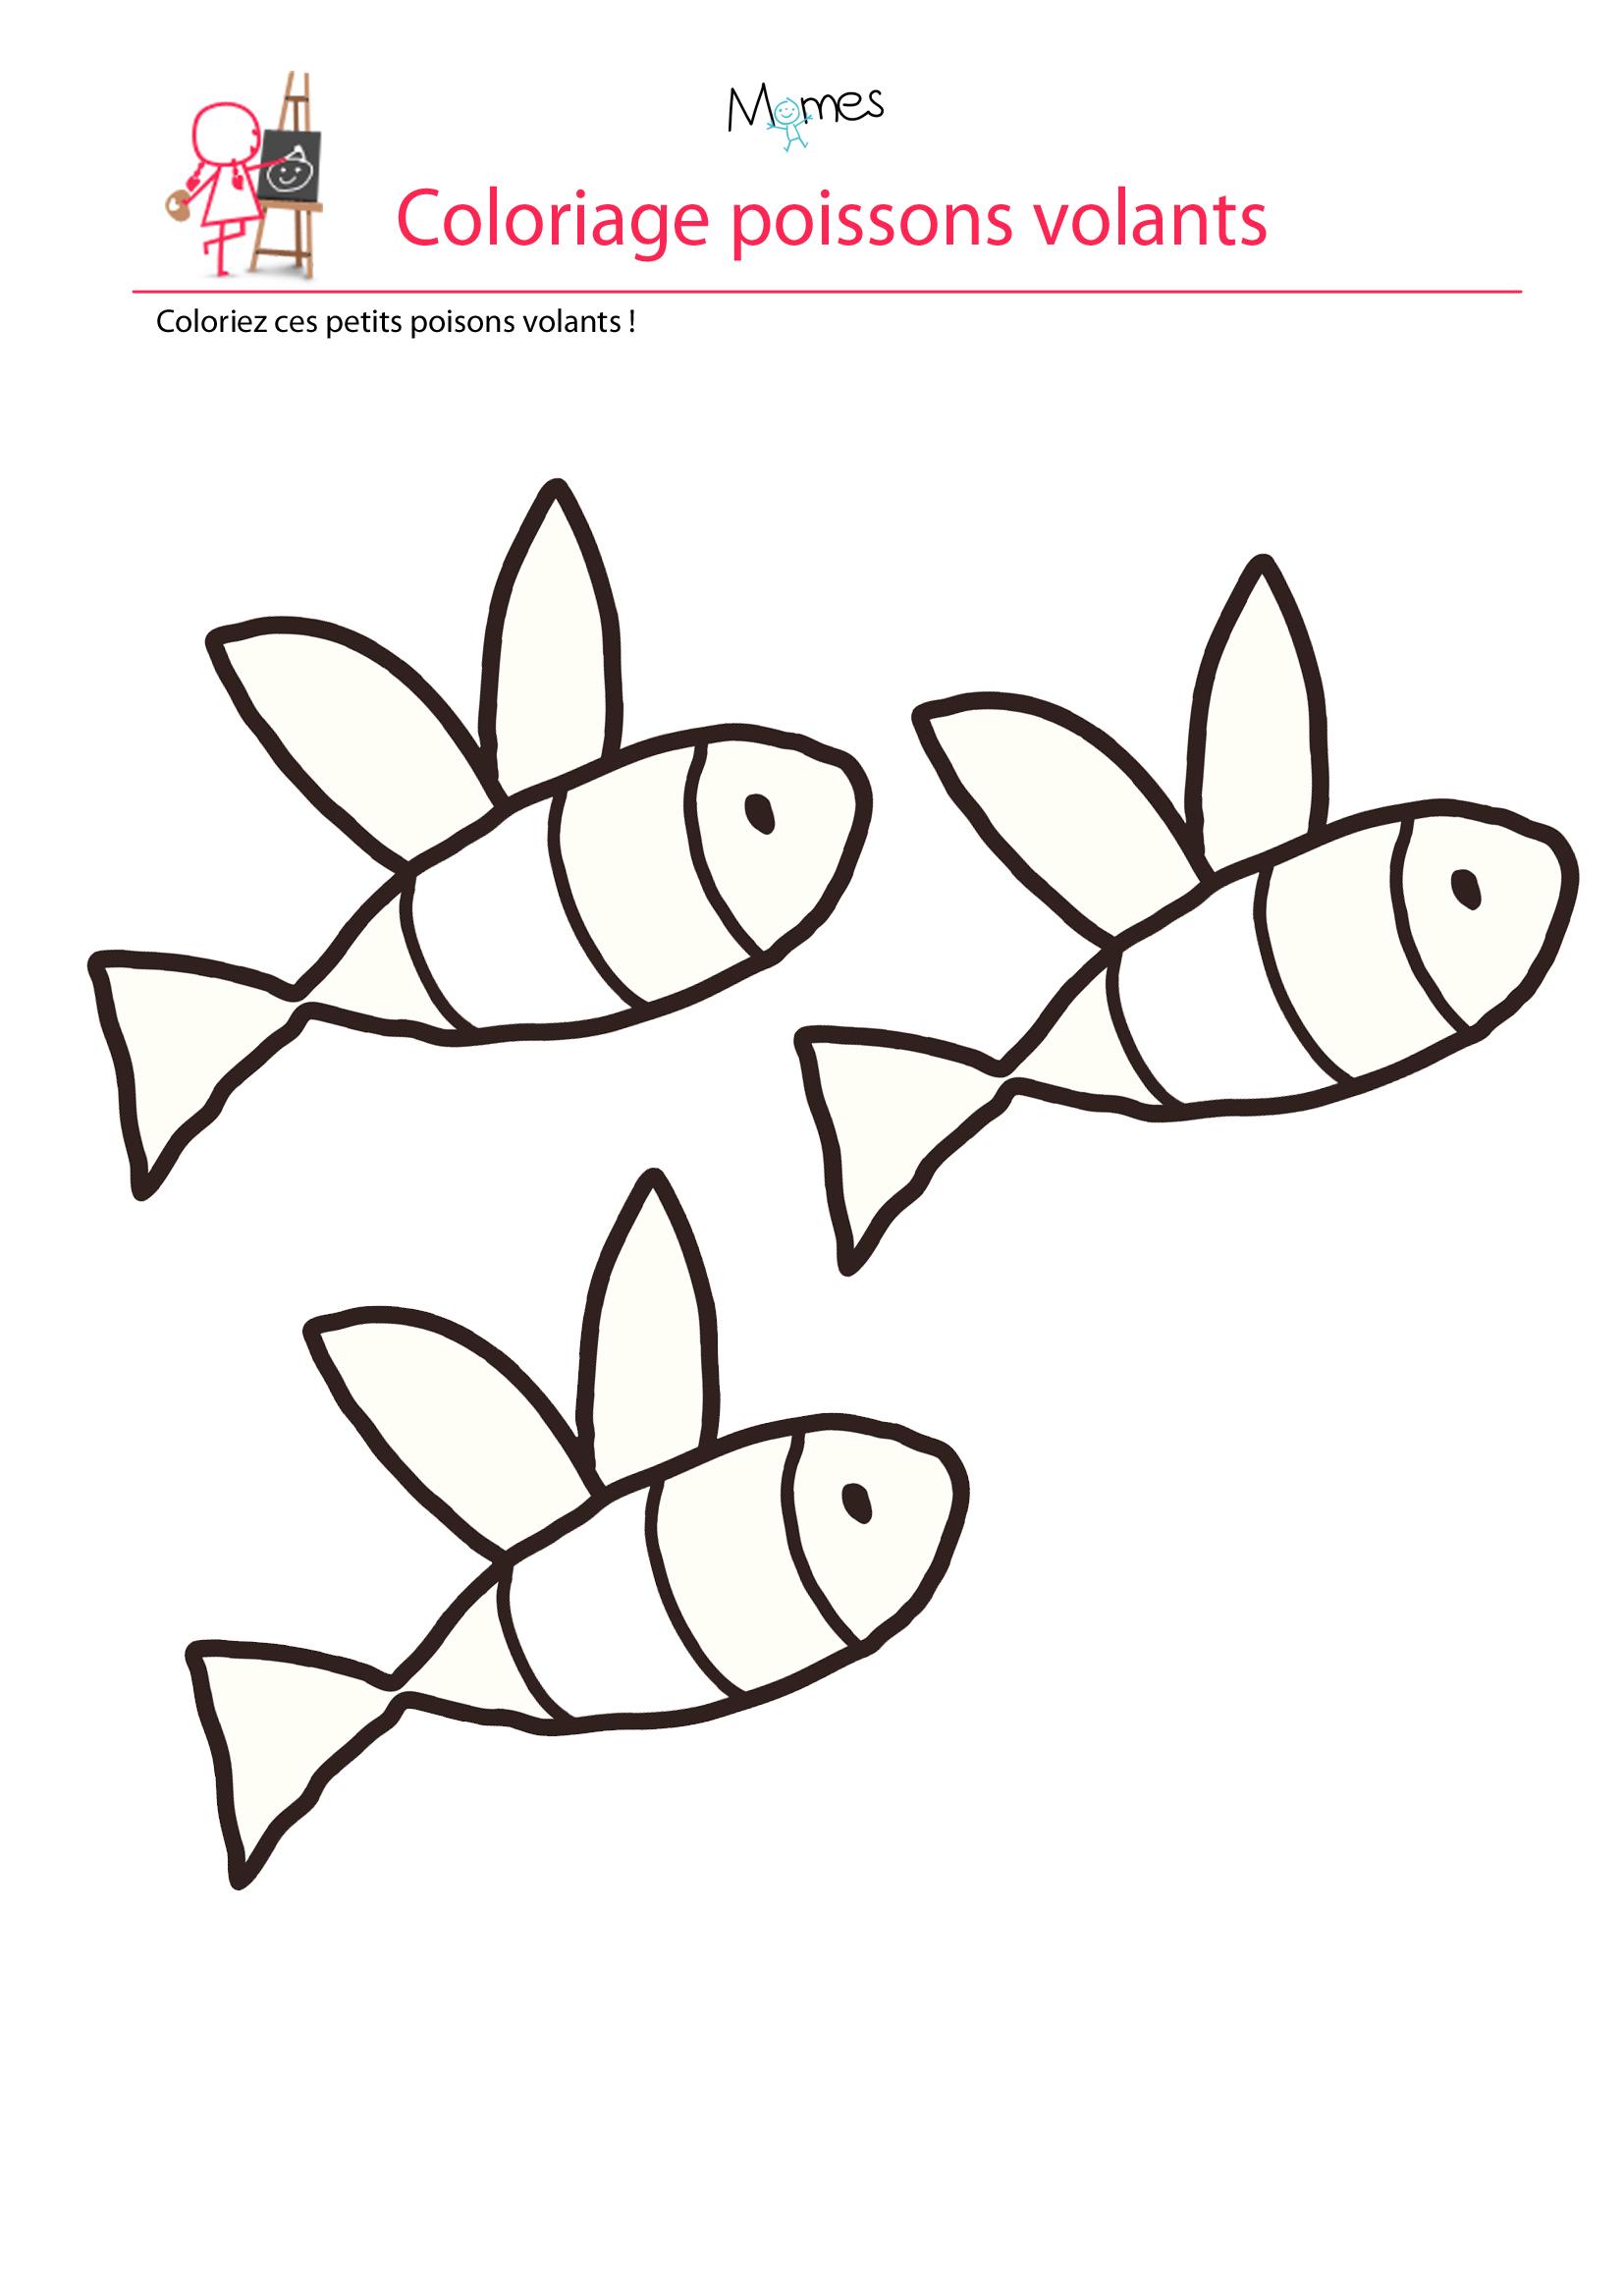 Coloriage Poisson D'avril : Les Poissons Volants - Momes concernant Coloriage En Ligne 3 Ans